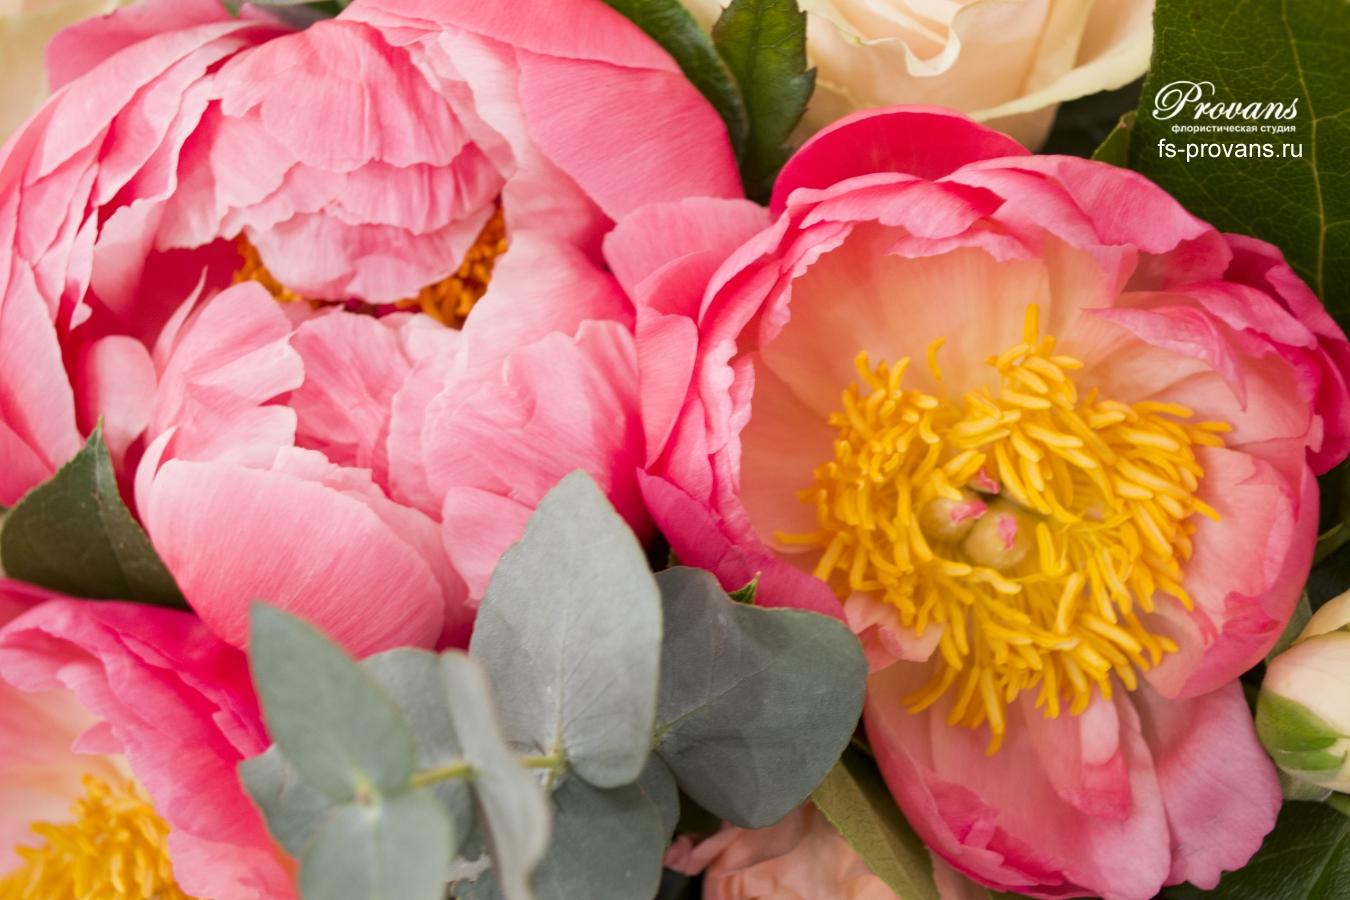 Букет на день матери. Пионы, пионовидные розы, эвкалипт